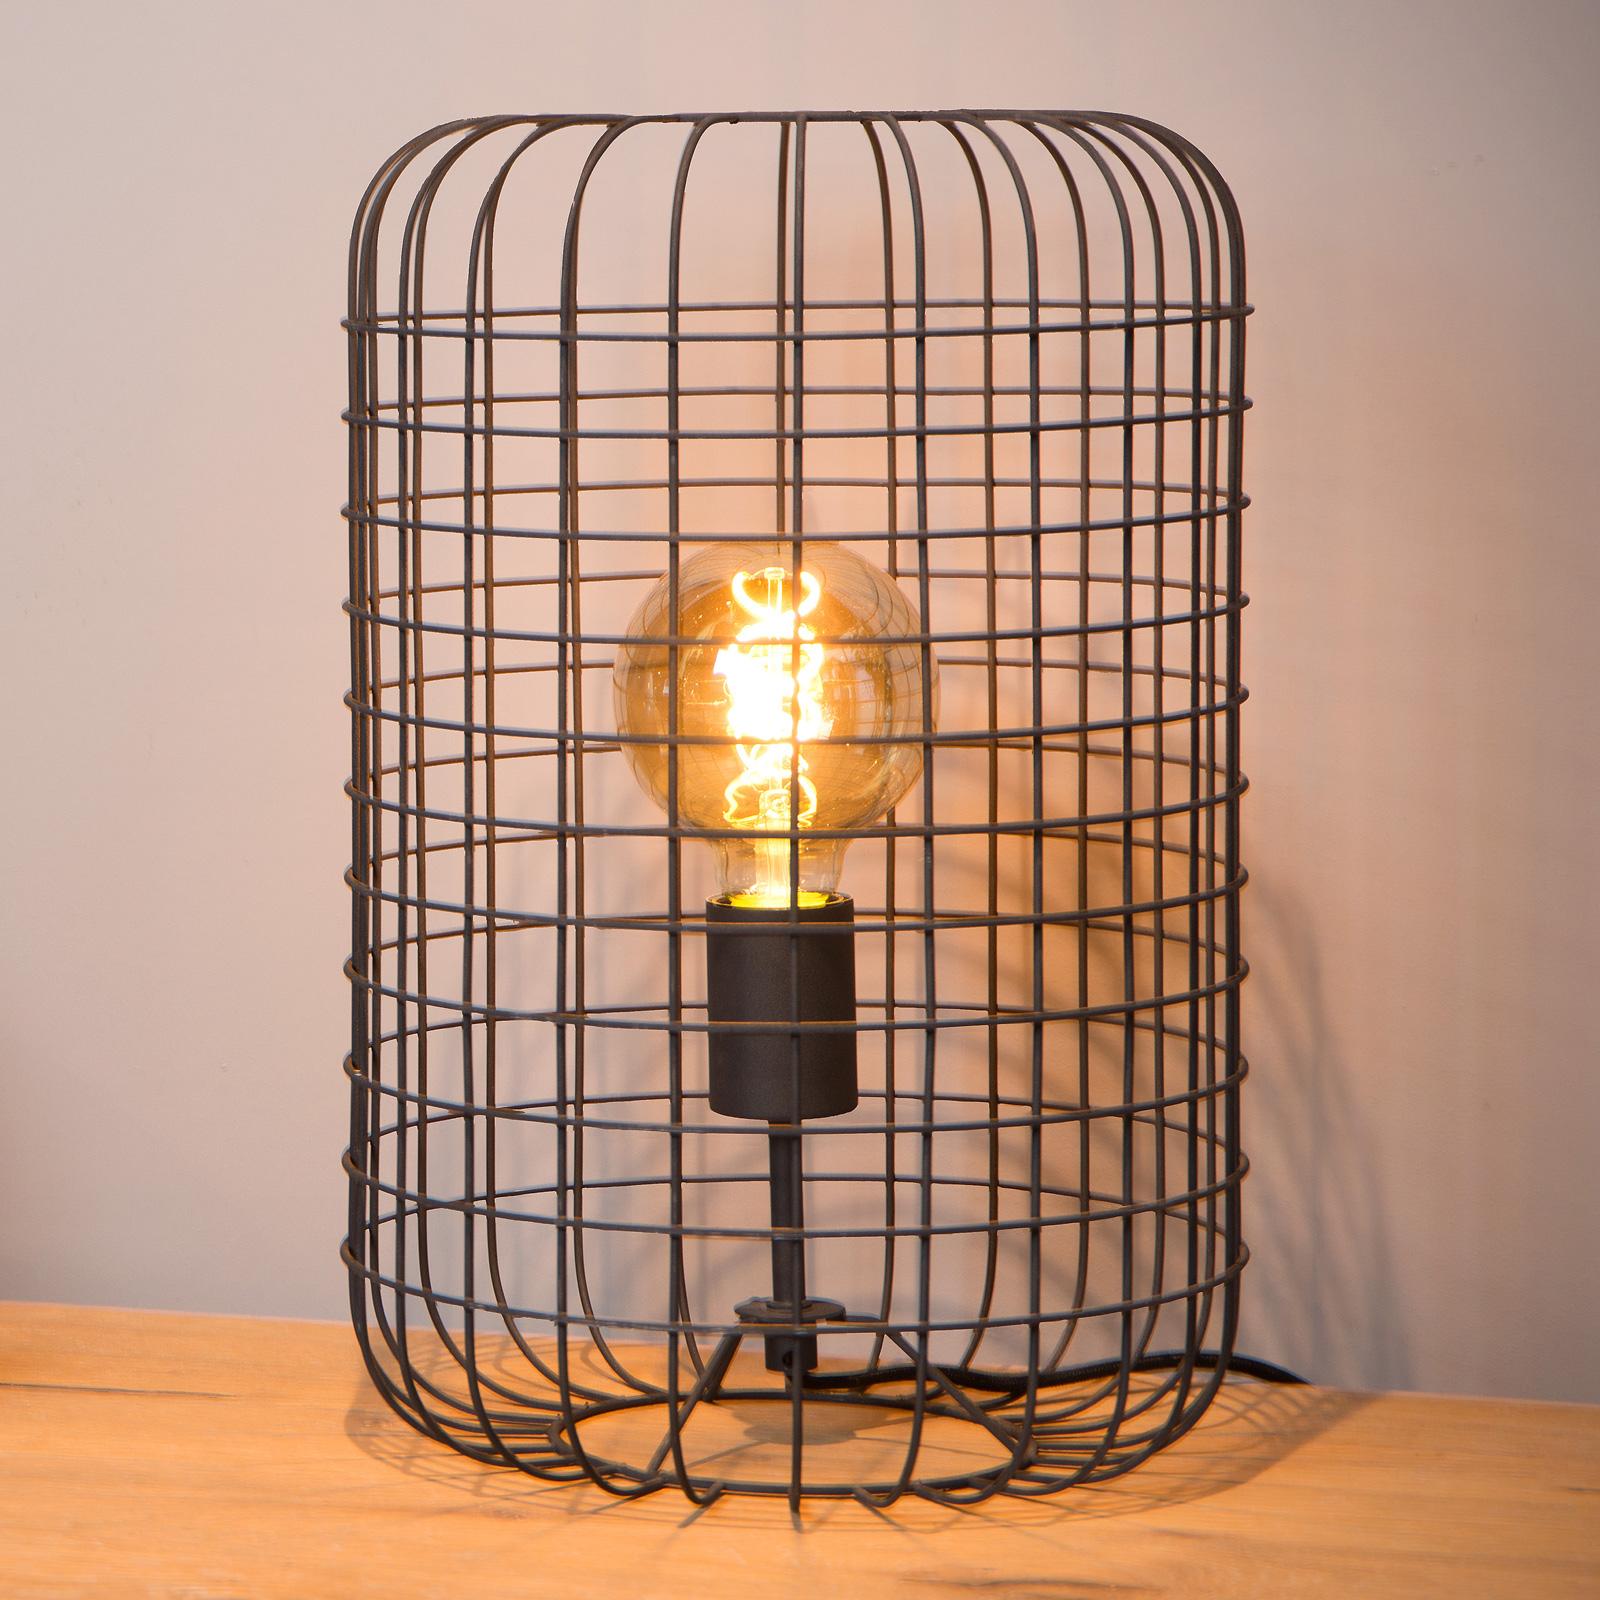 Tafellamp Esmee, zwart Ø 26 cm